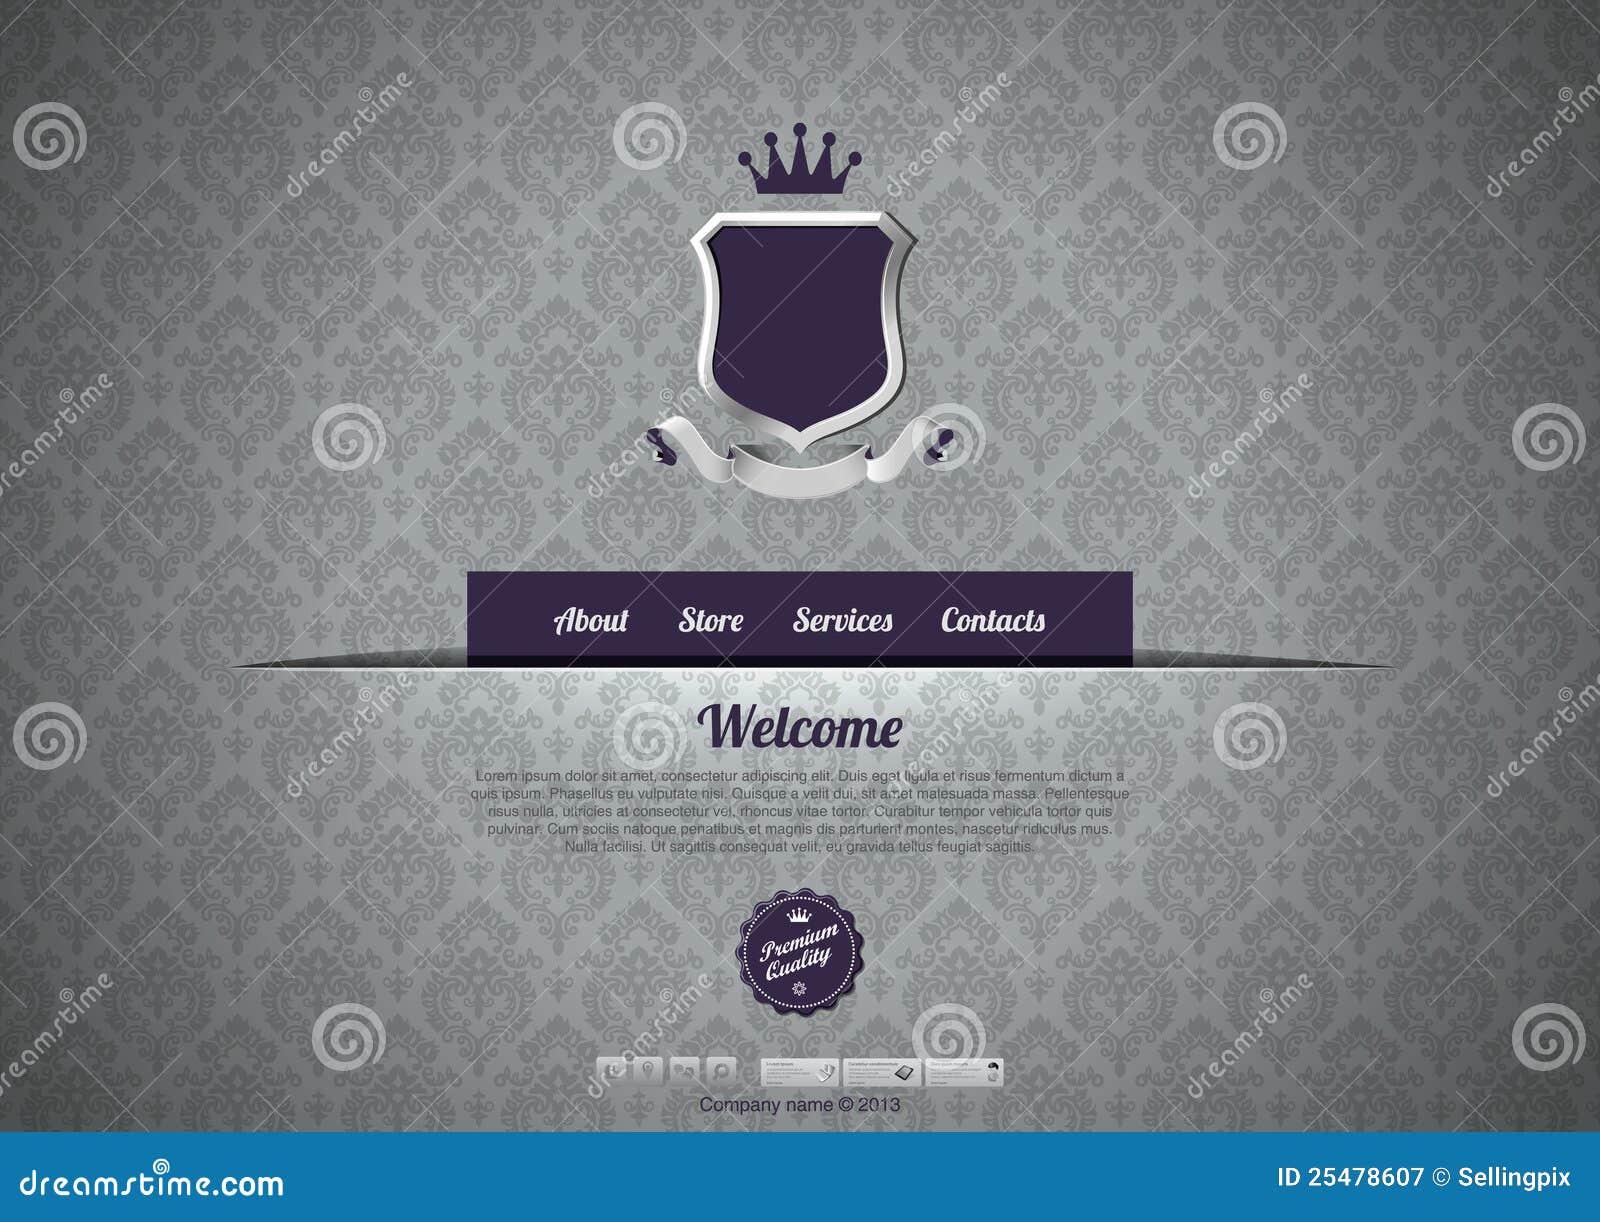 Wintage design web template